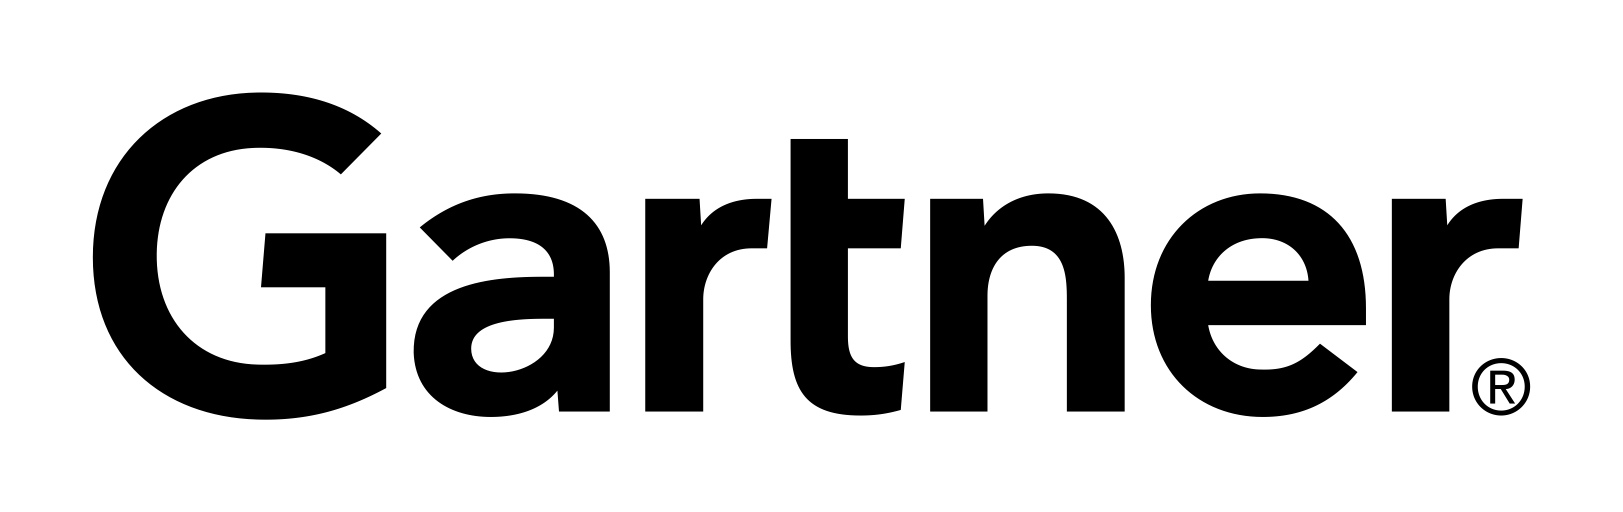 Gartner Logo transparent PNG.